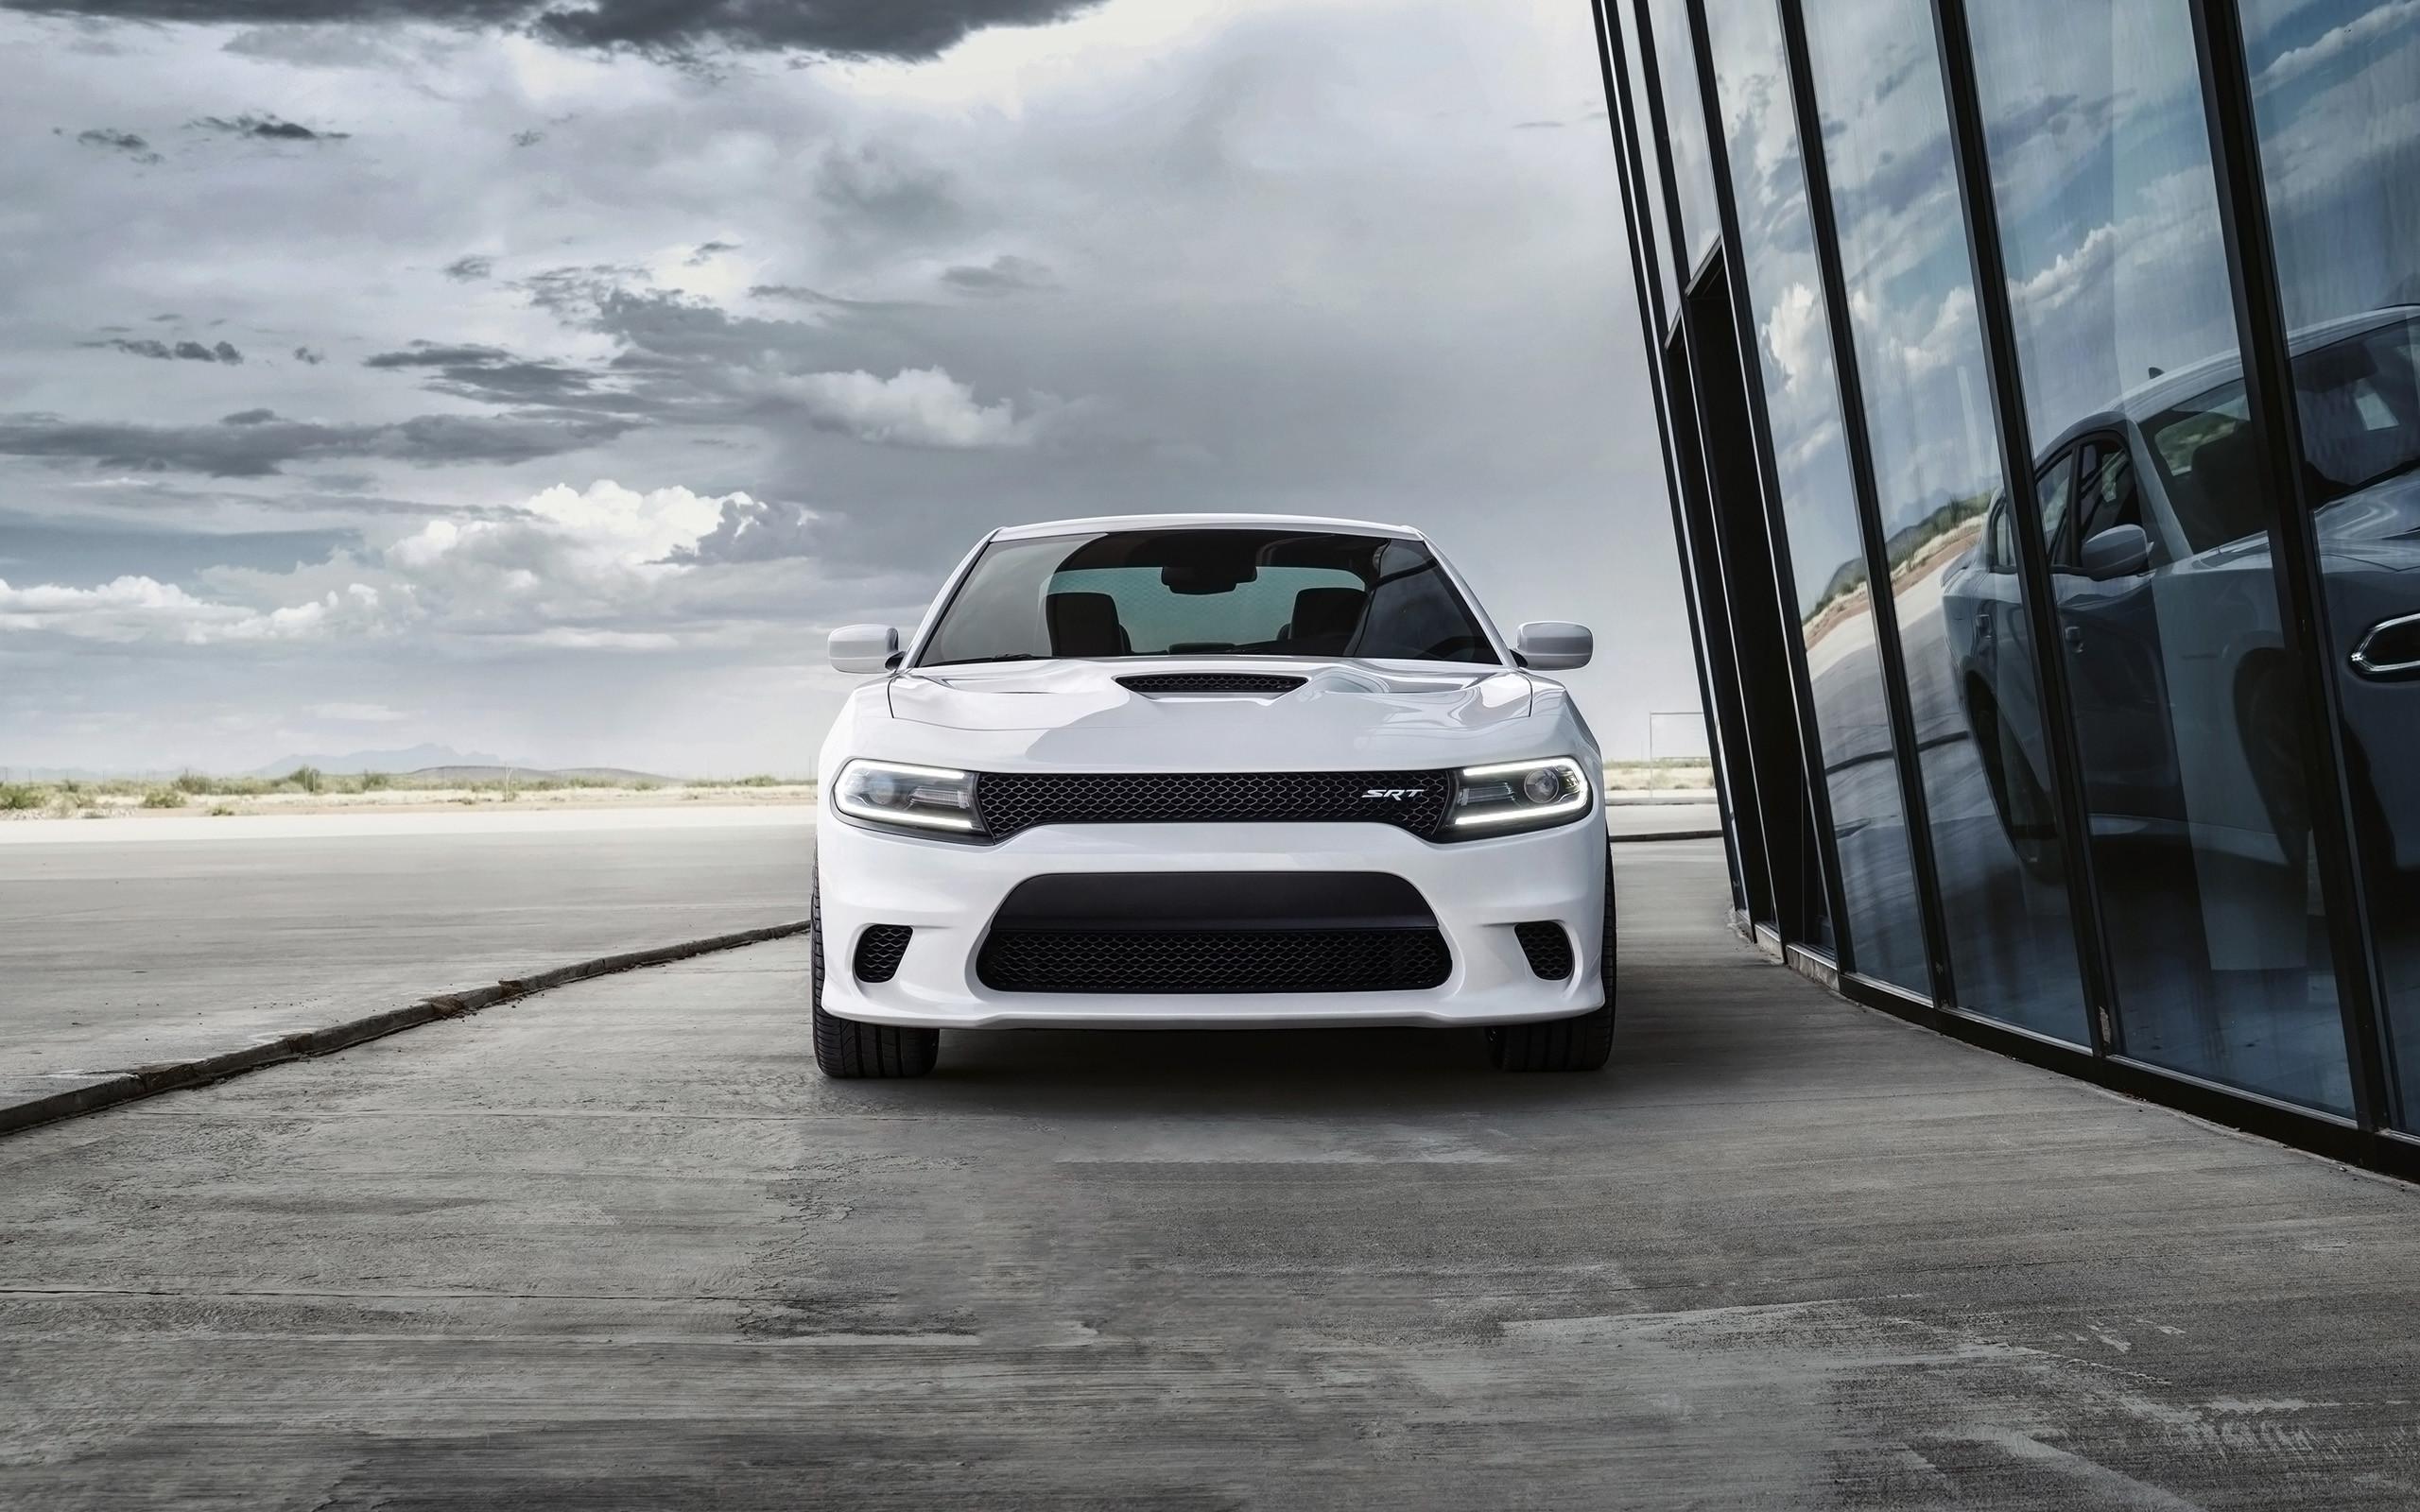 Dodge Charger SRT Wallpaper 43779